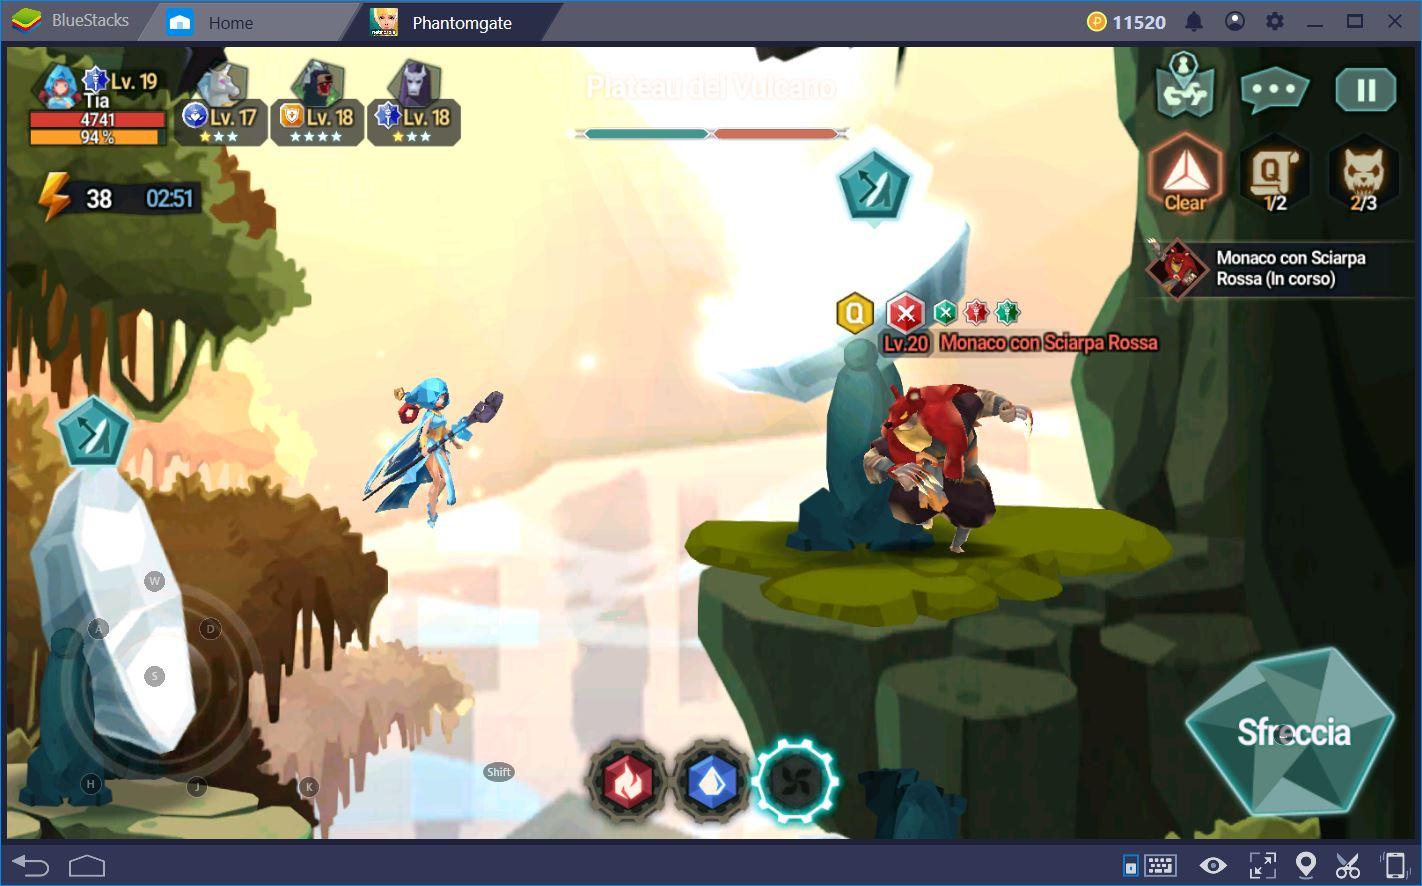 Phantomgate: Consigli per la modalità Avventura